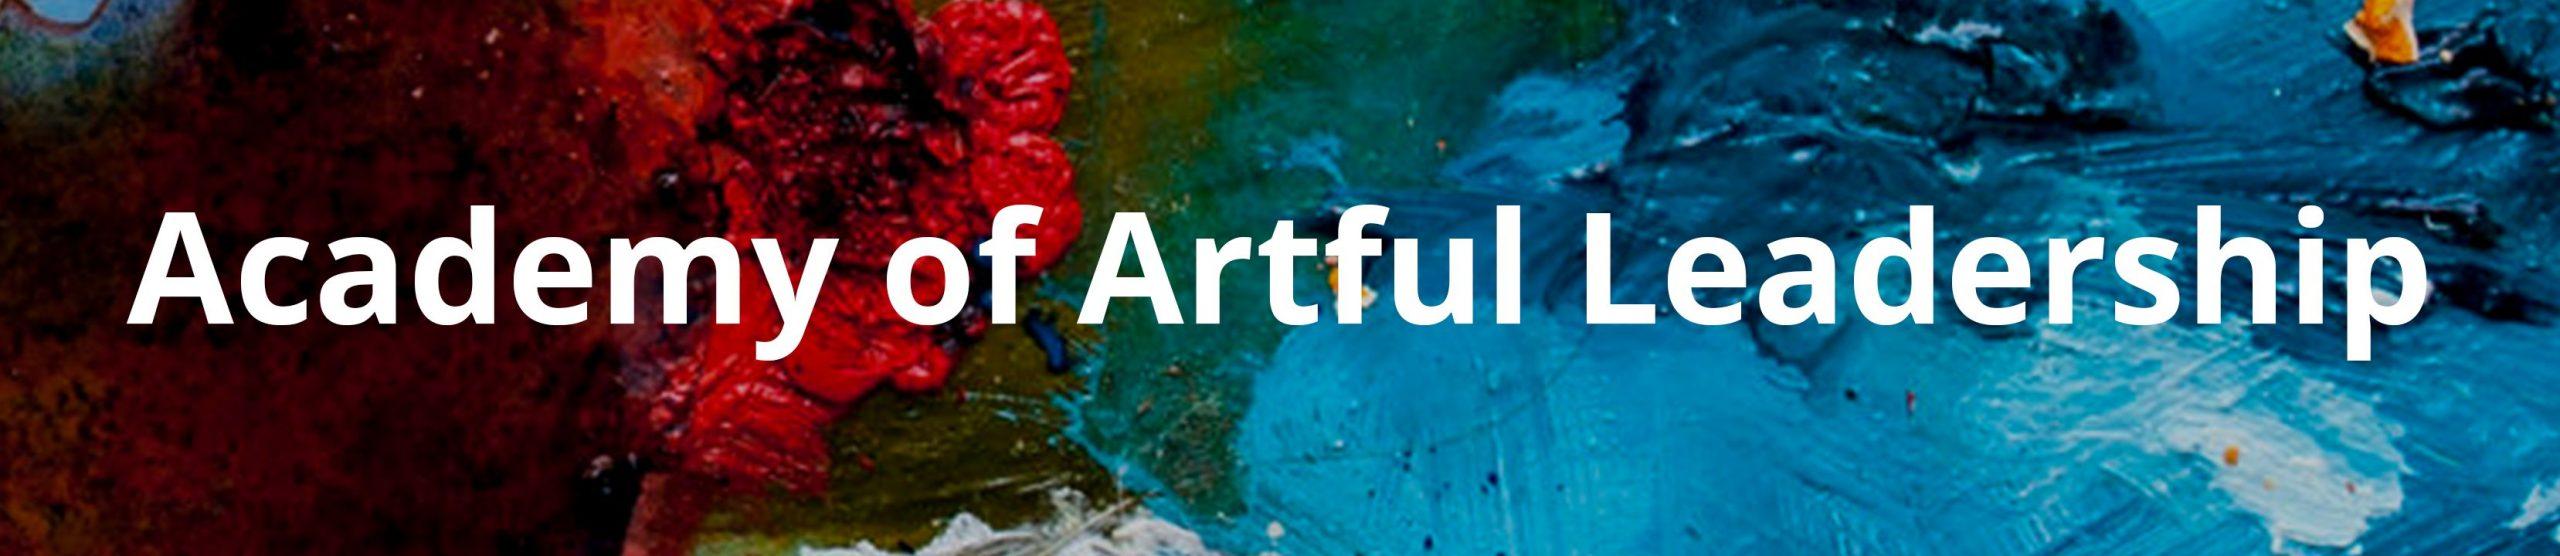 Academy of Artful Leadership Program watercolor header graphic